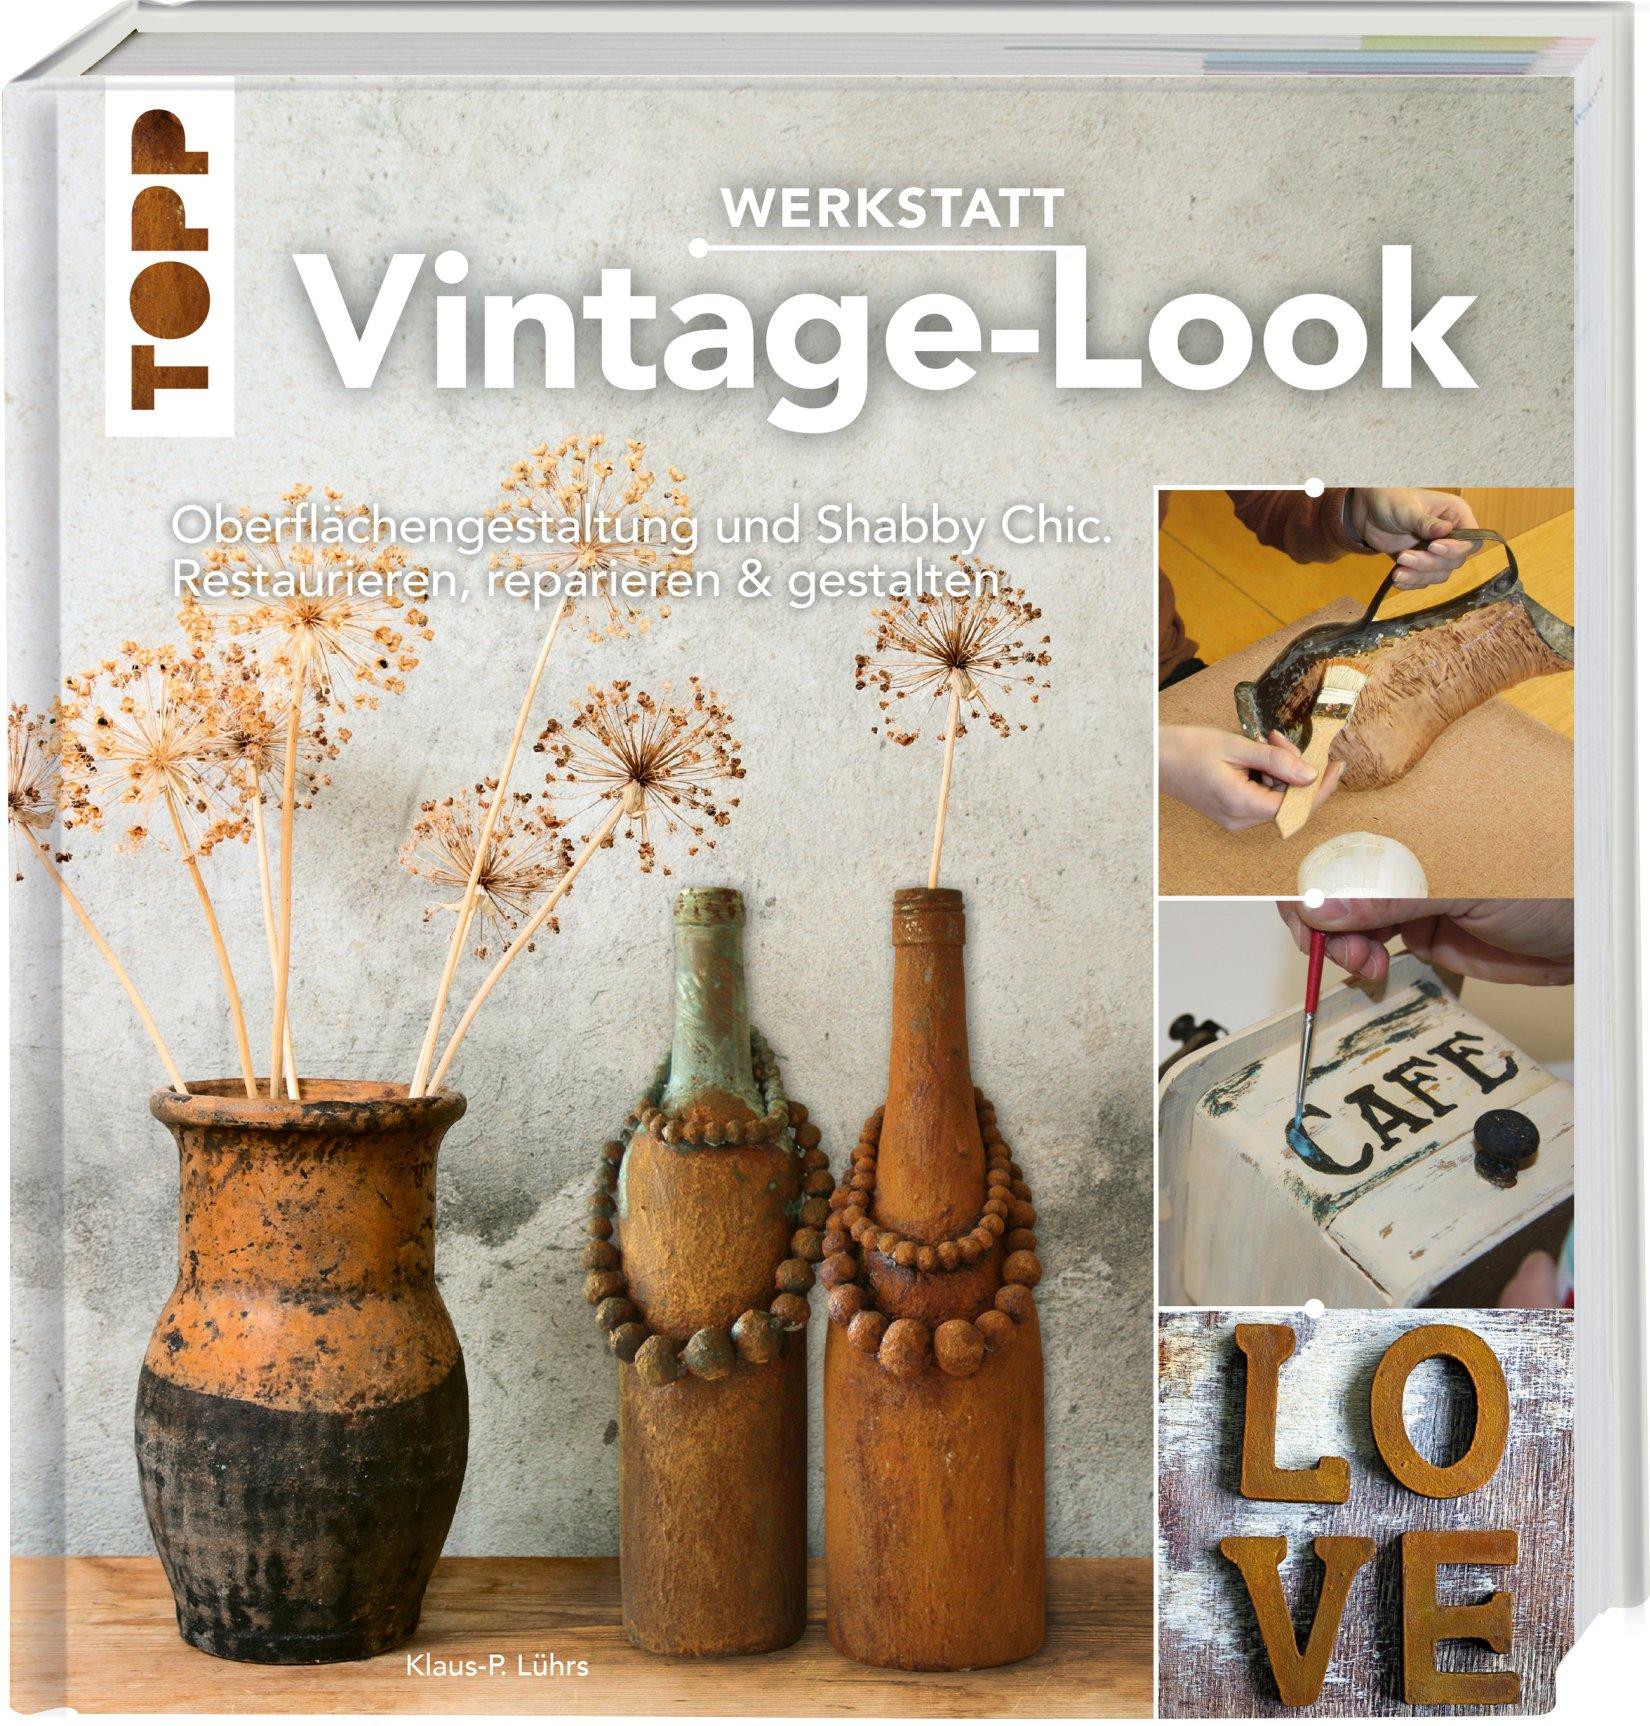 Boek vintage look